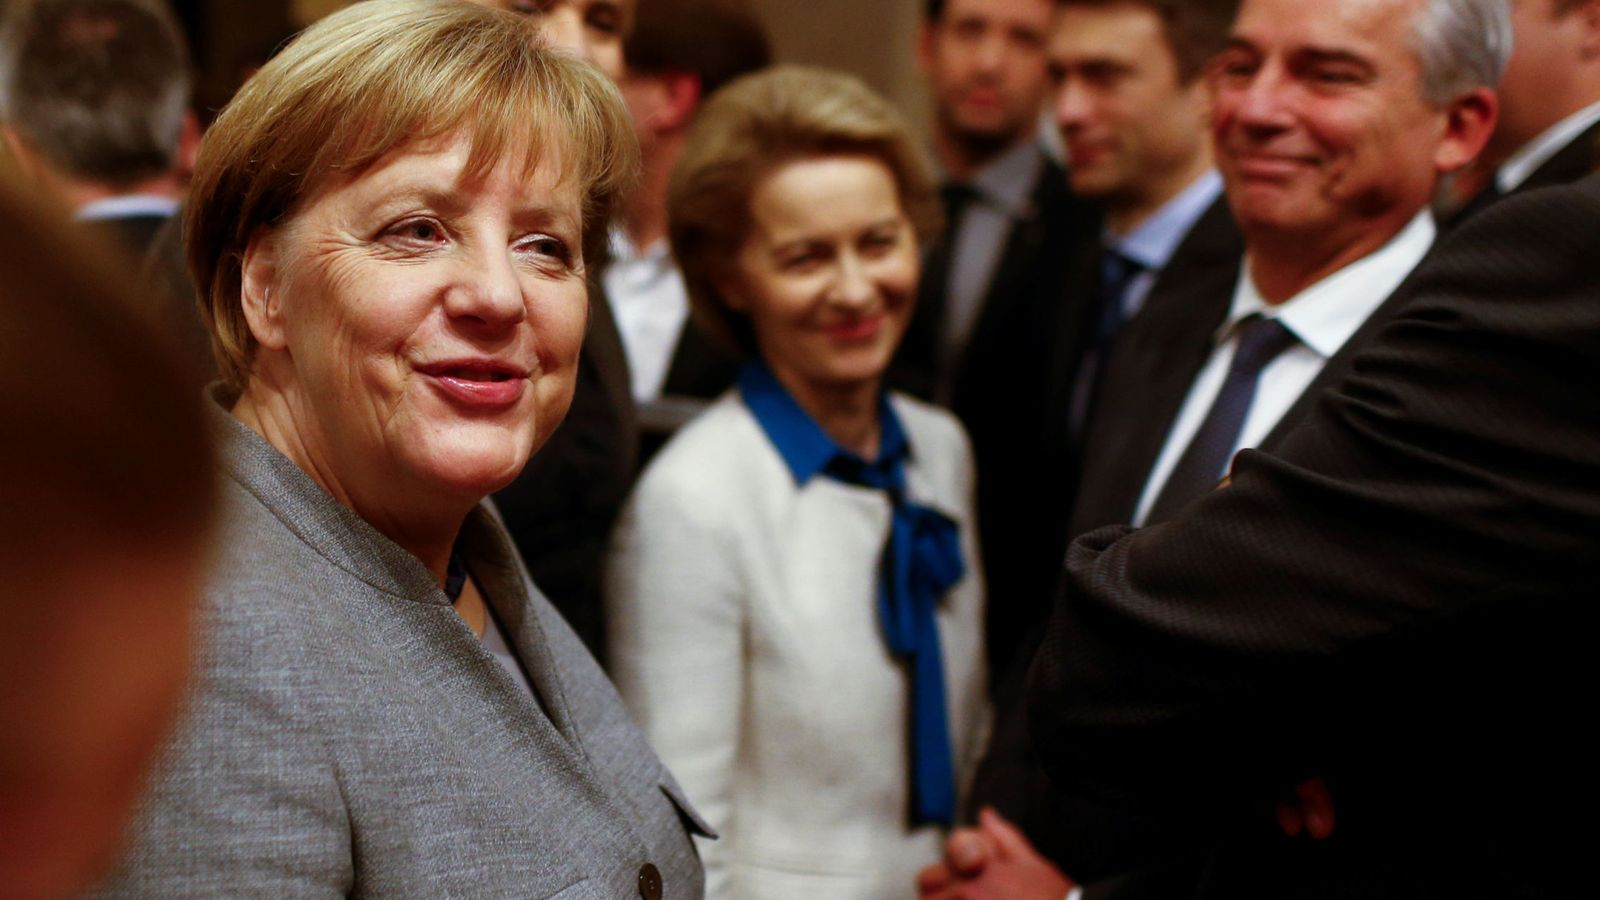 Foto: Merkel comparece en público tras el fracaso de las negociaciones, en Berlín, el 20 de noviembre de 2017. (Reuters)